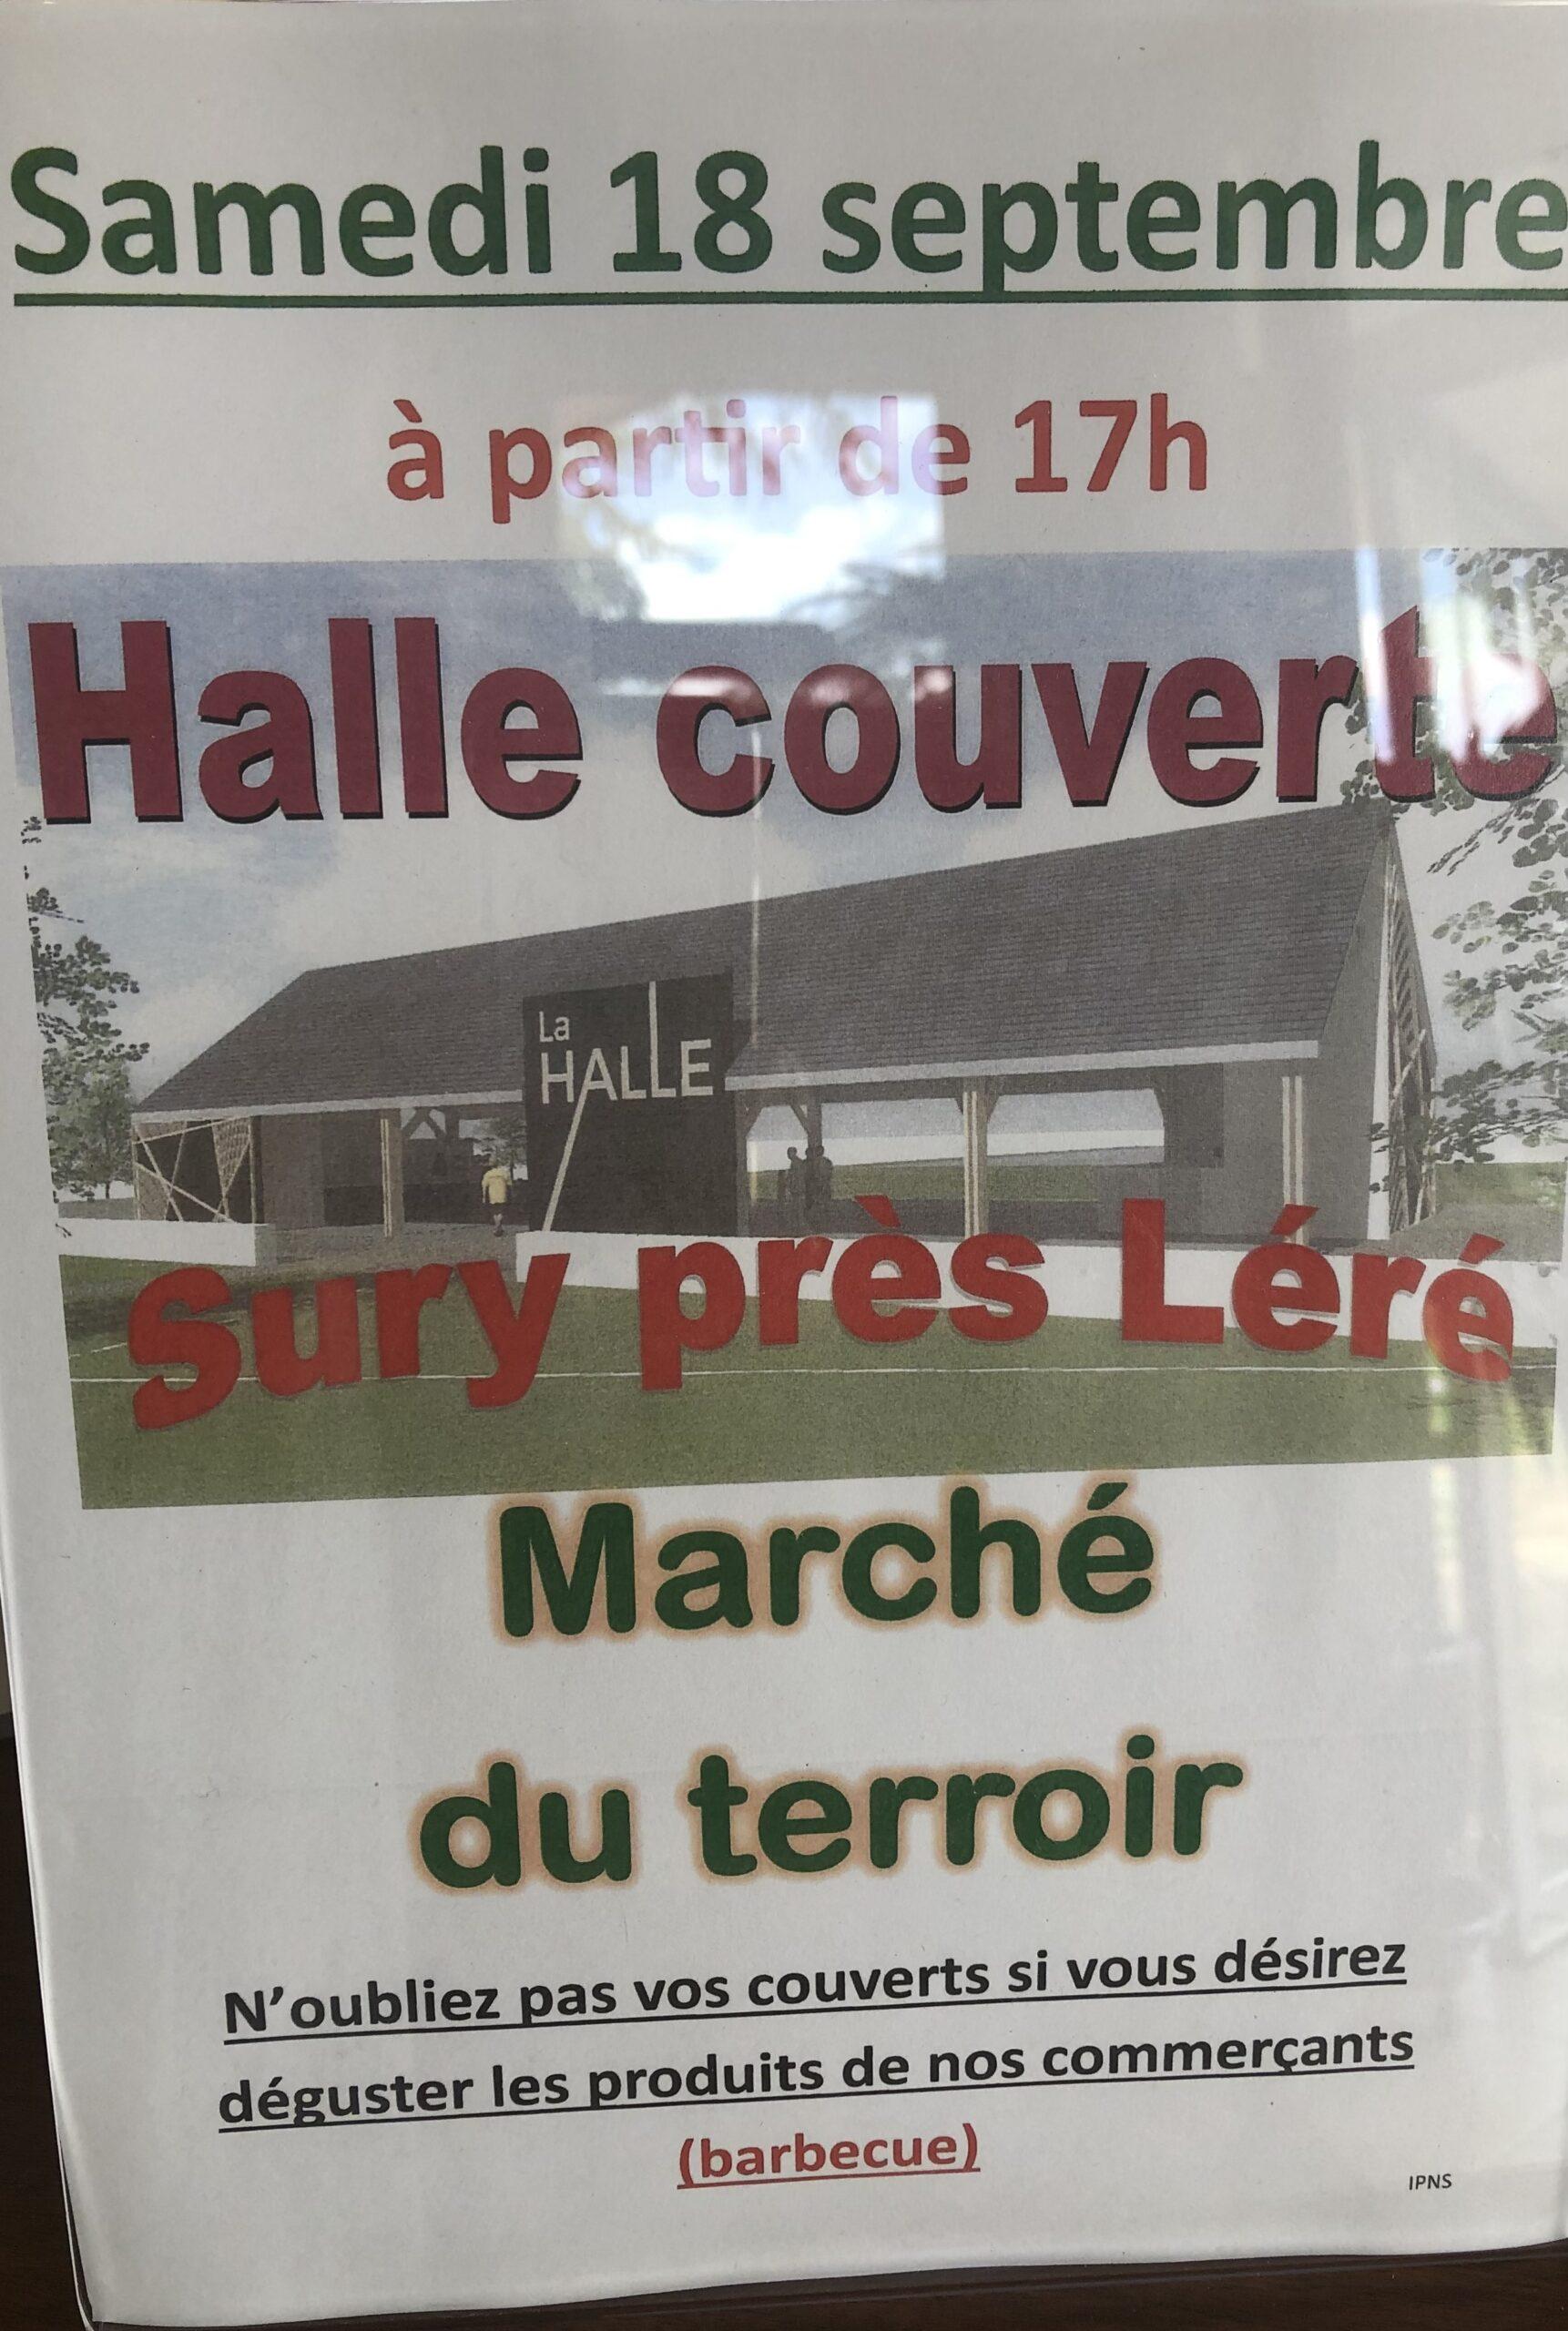 Marché du terroir Sury-près-Léré